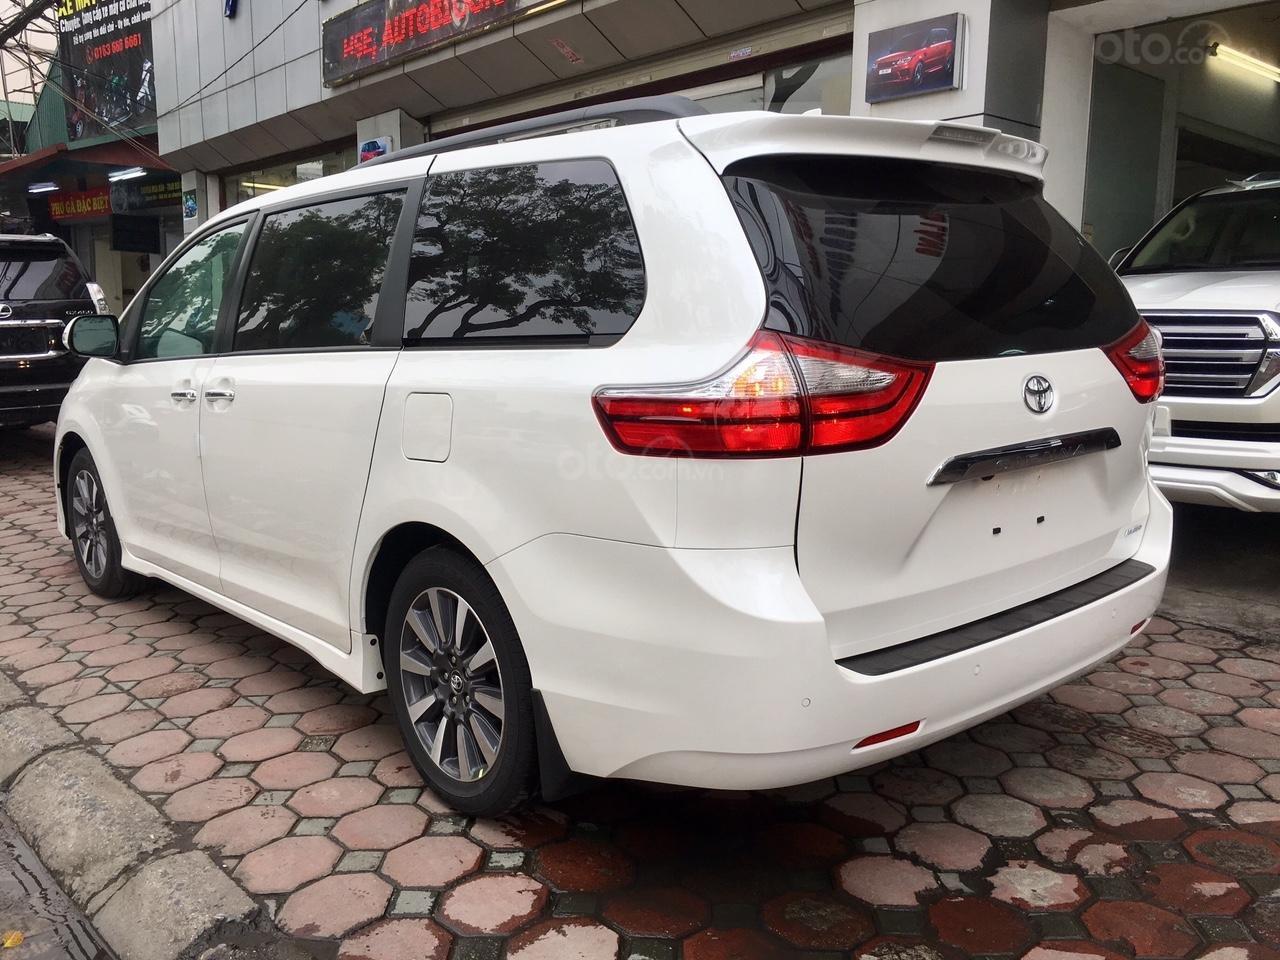 Bán Toyota Sienna Limited 2020 bản 1 cầu, giá tốt, nhập Mỹ giao ngay toàn quốc- LH 0945.39.2468 Ms Hương (23)